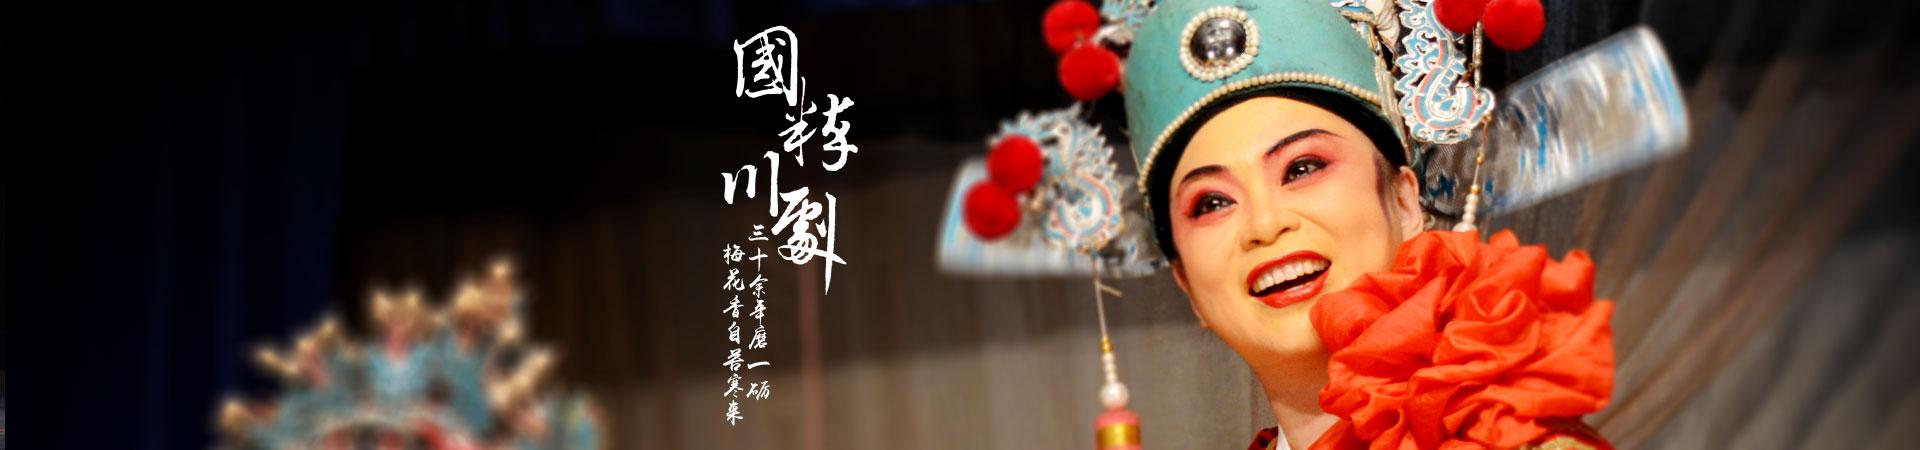 龙潭剧社官方网站